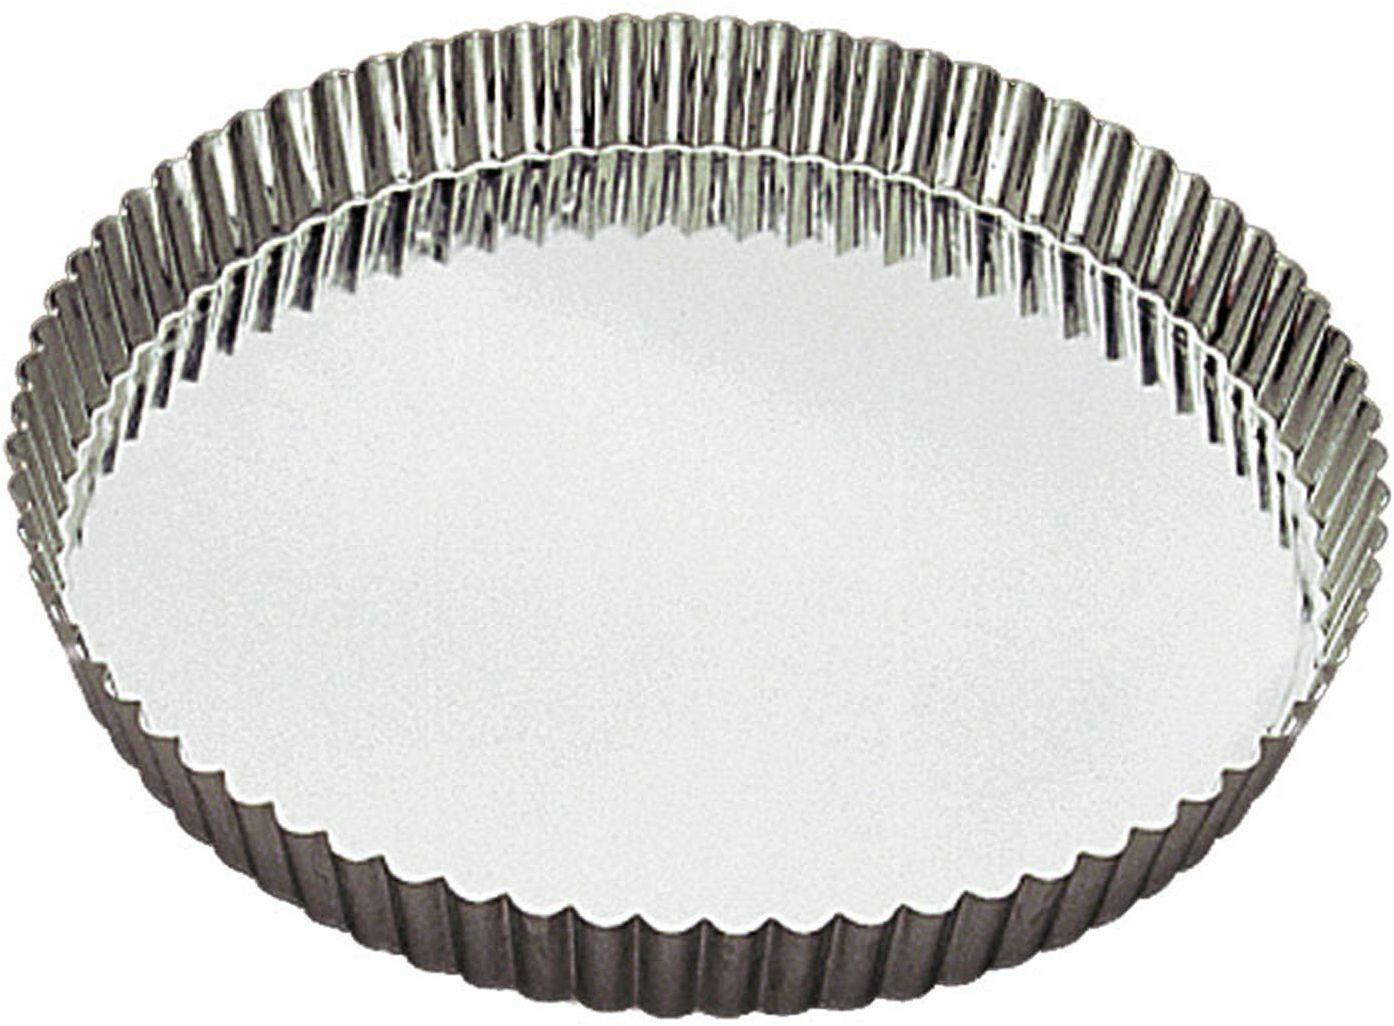 Gobel 126520 tortownica, forma do ciasta, okrągła, rowkowana dno, żelazo, kolor biały, Ø 20 cm